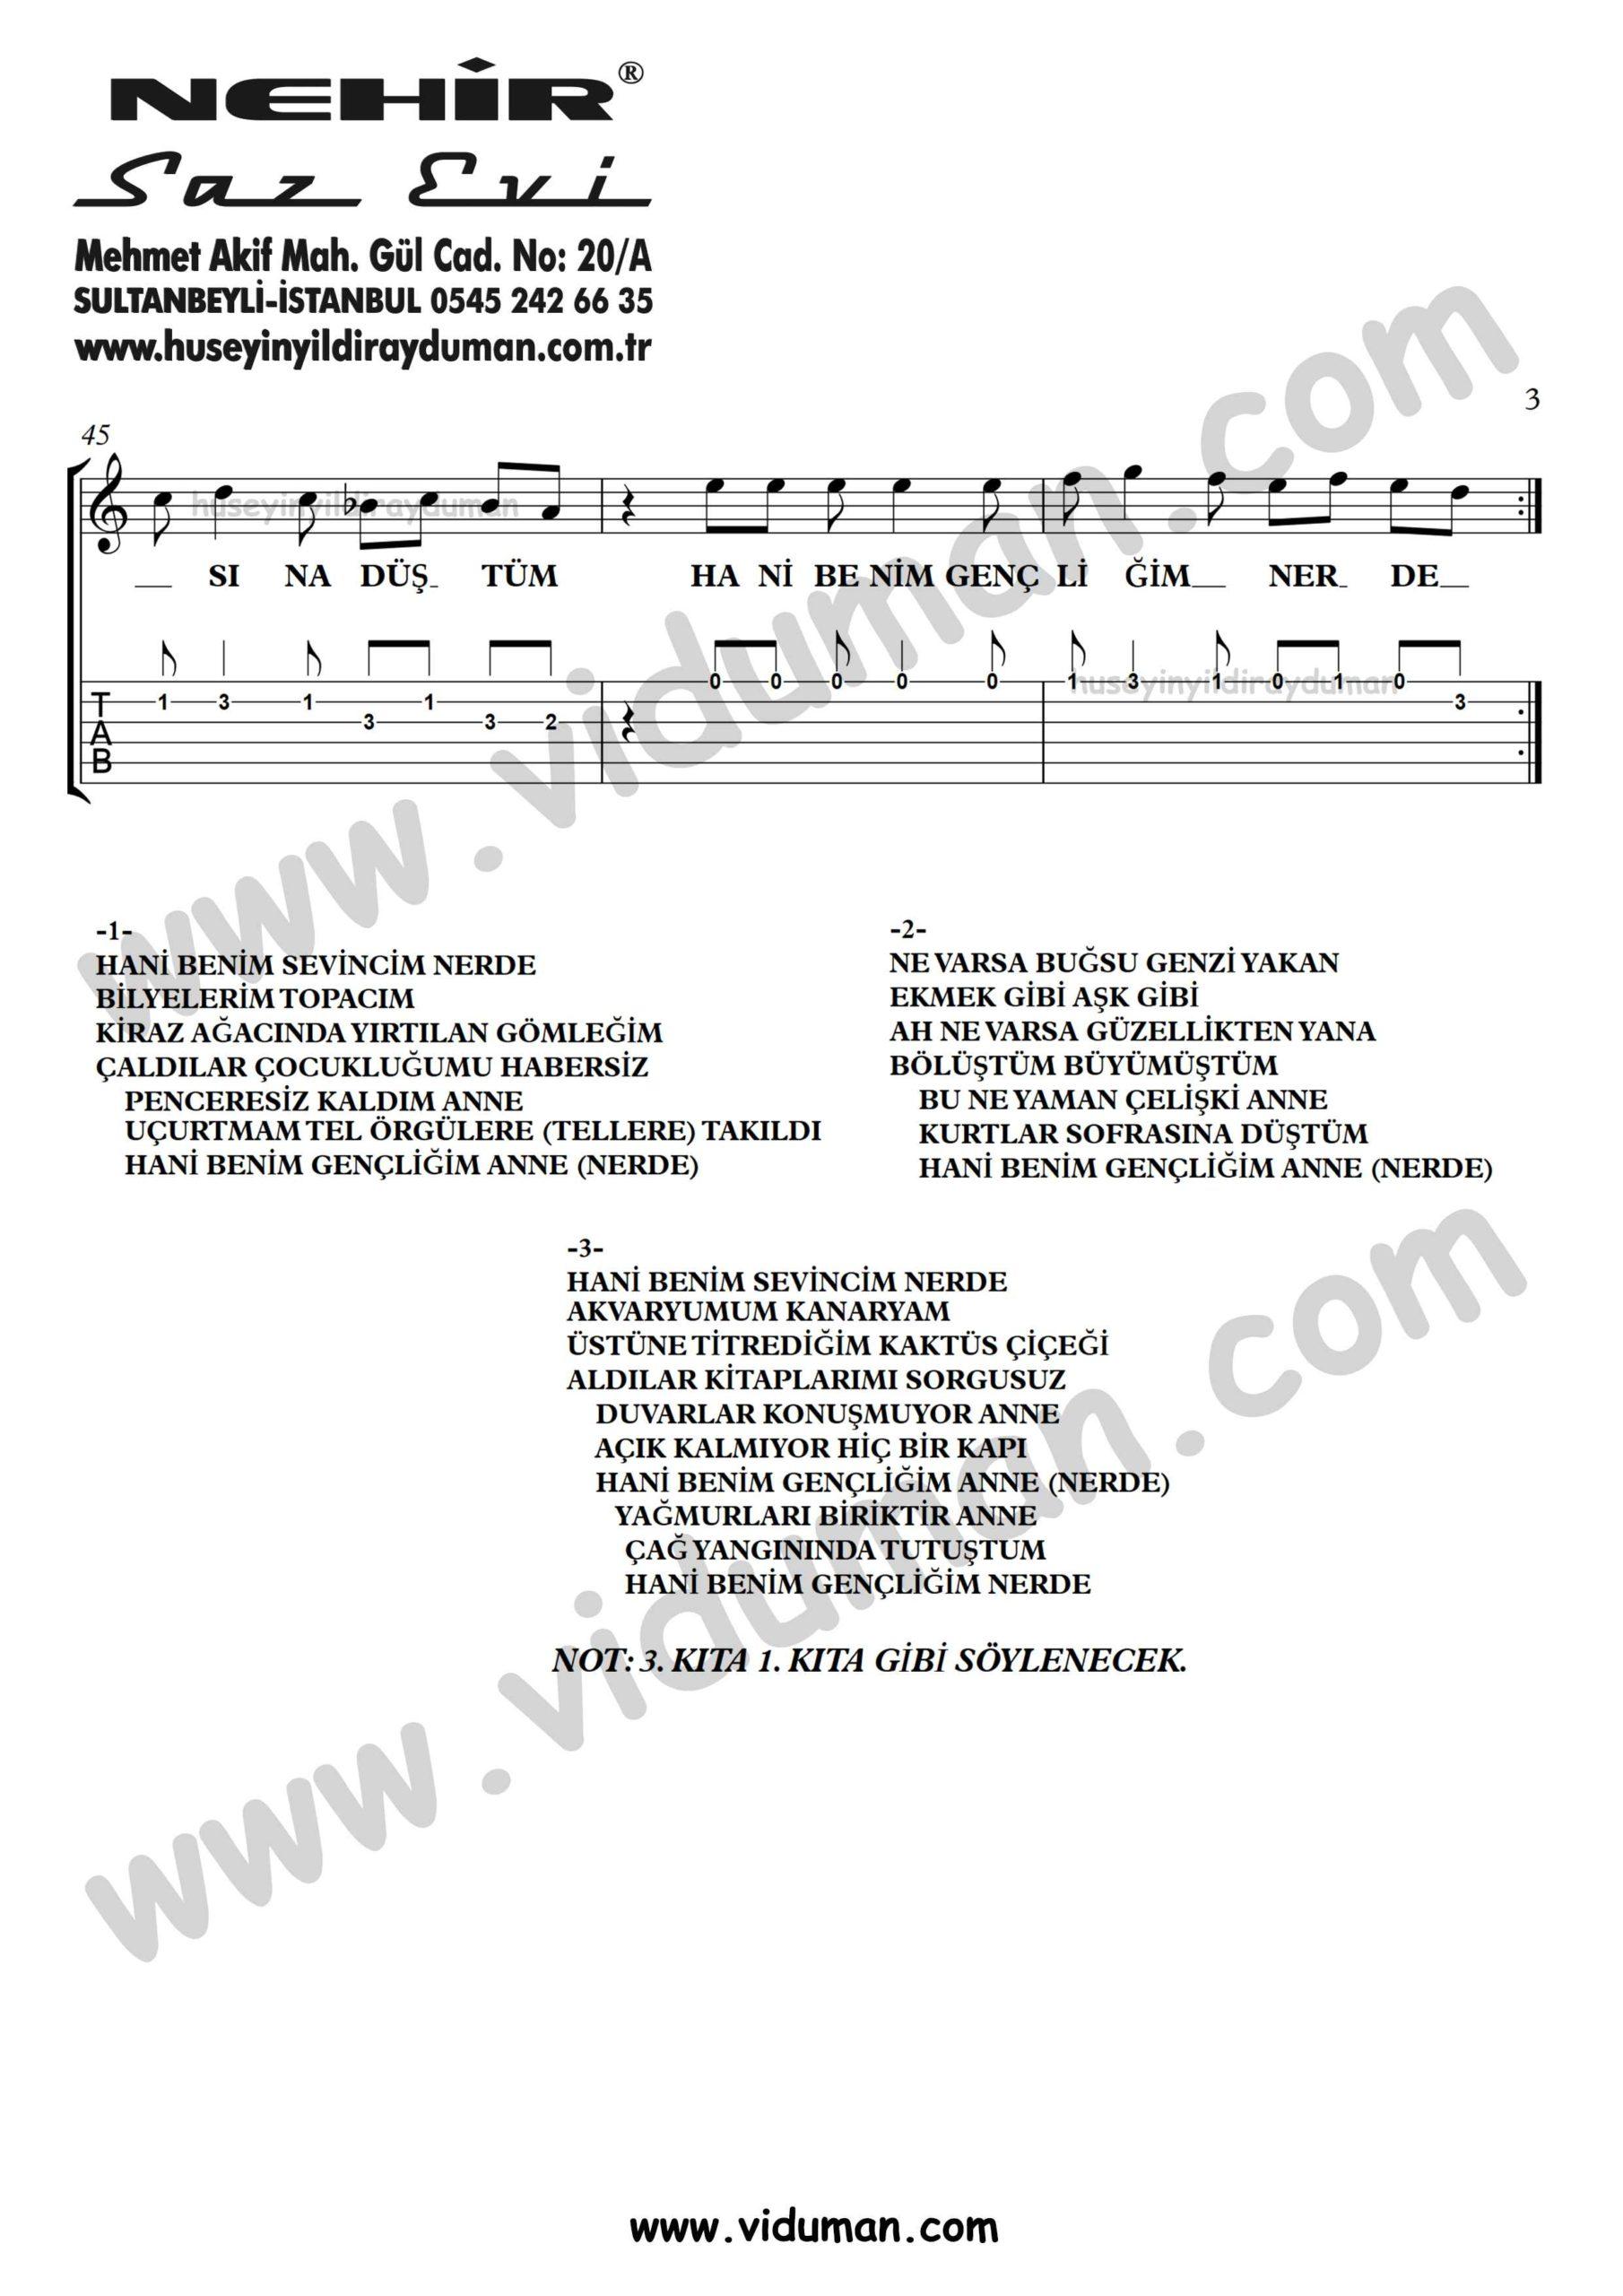 Hani Benim Gencligim_3-Ahmet Kaya-Gitar Tab-Solo Notalari